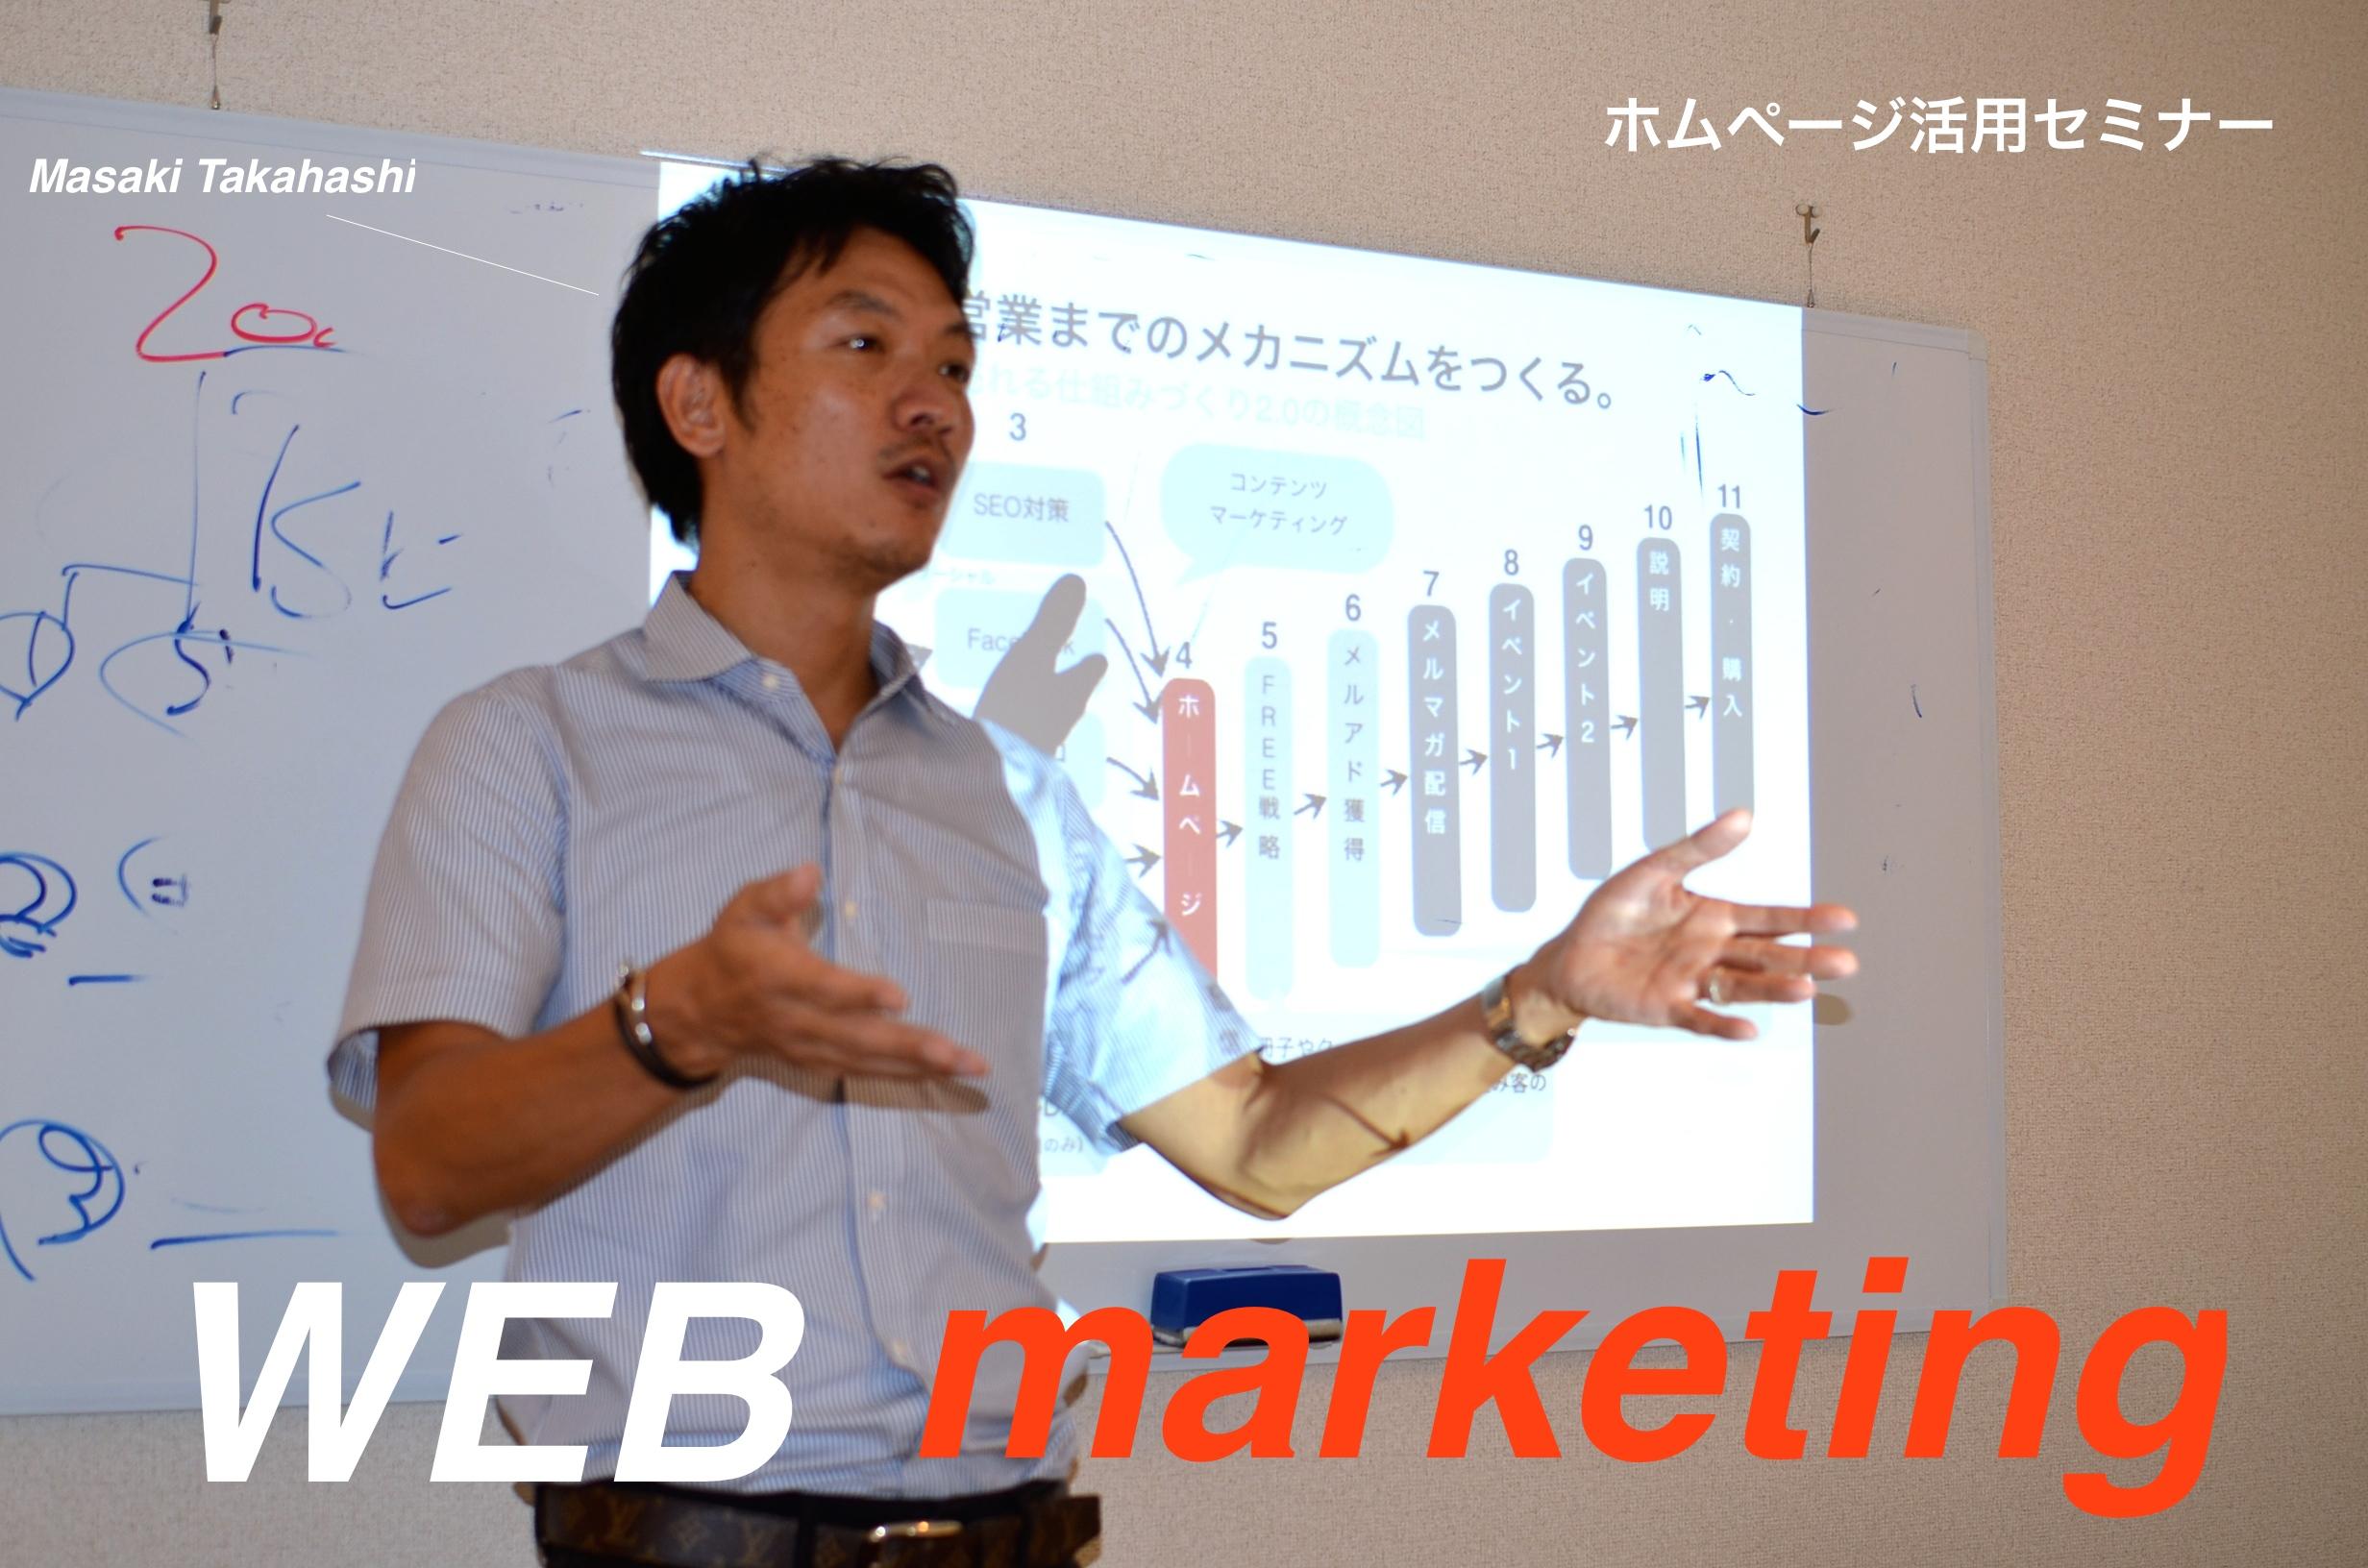 コンテンツマーケティングの考え方と日々の運用方法のこと